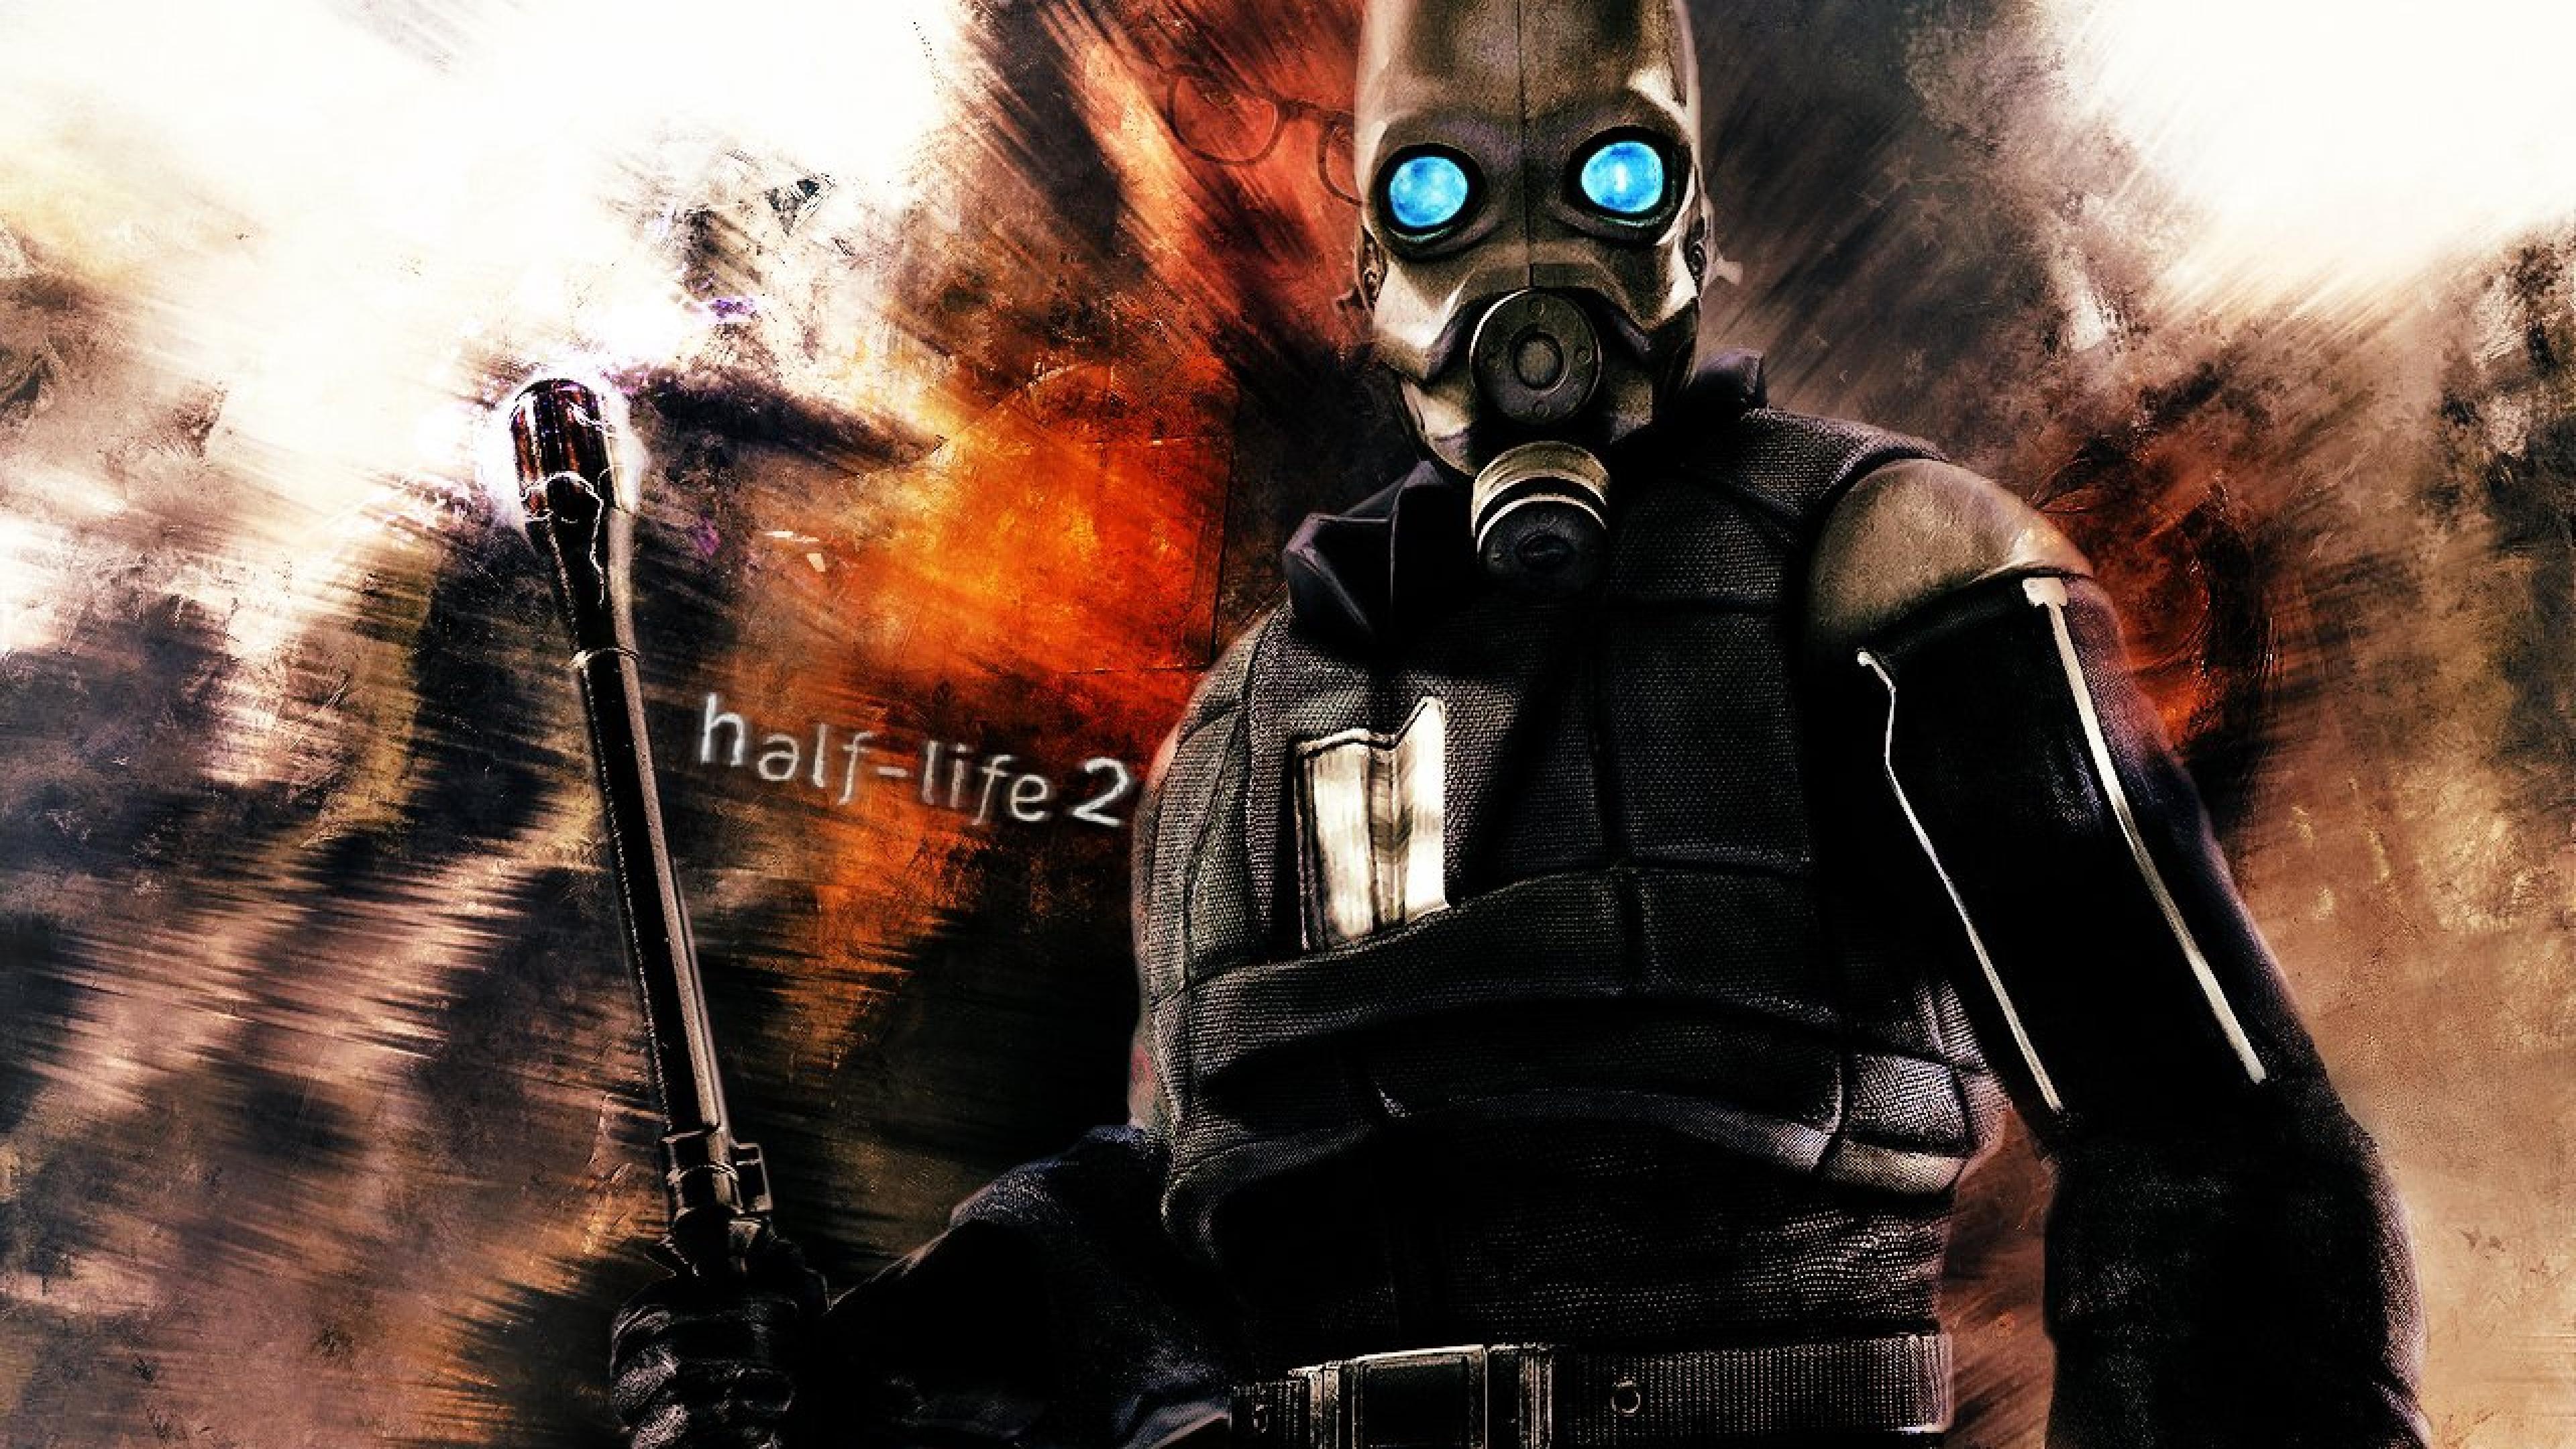 Half Life 2 wallpaper 11